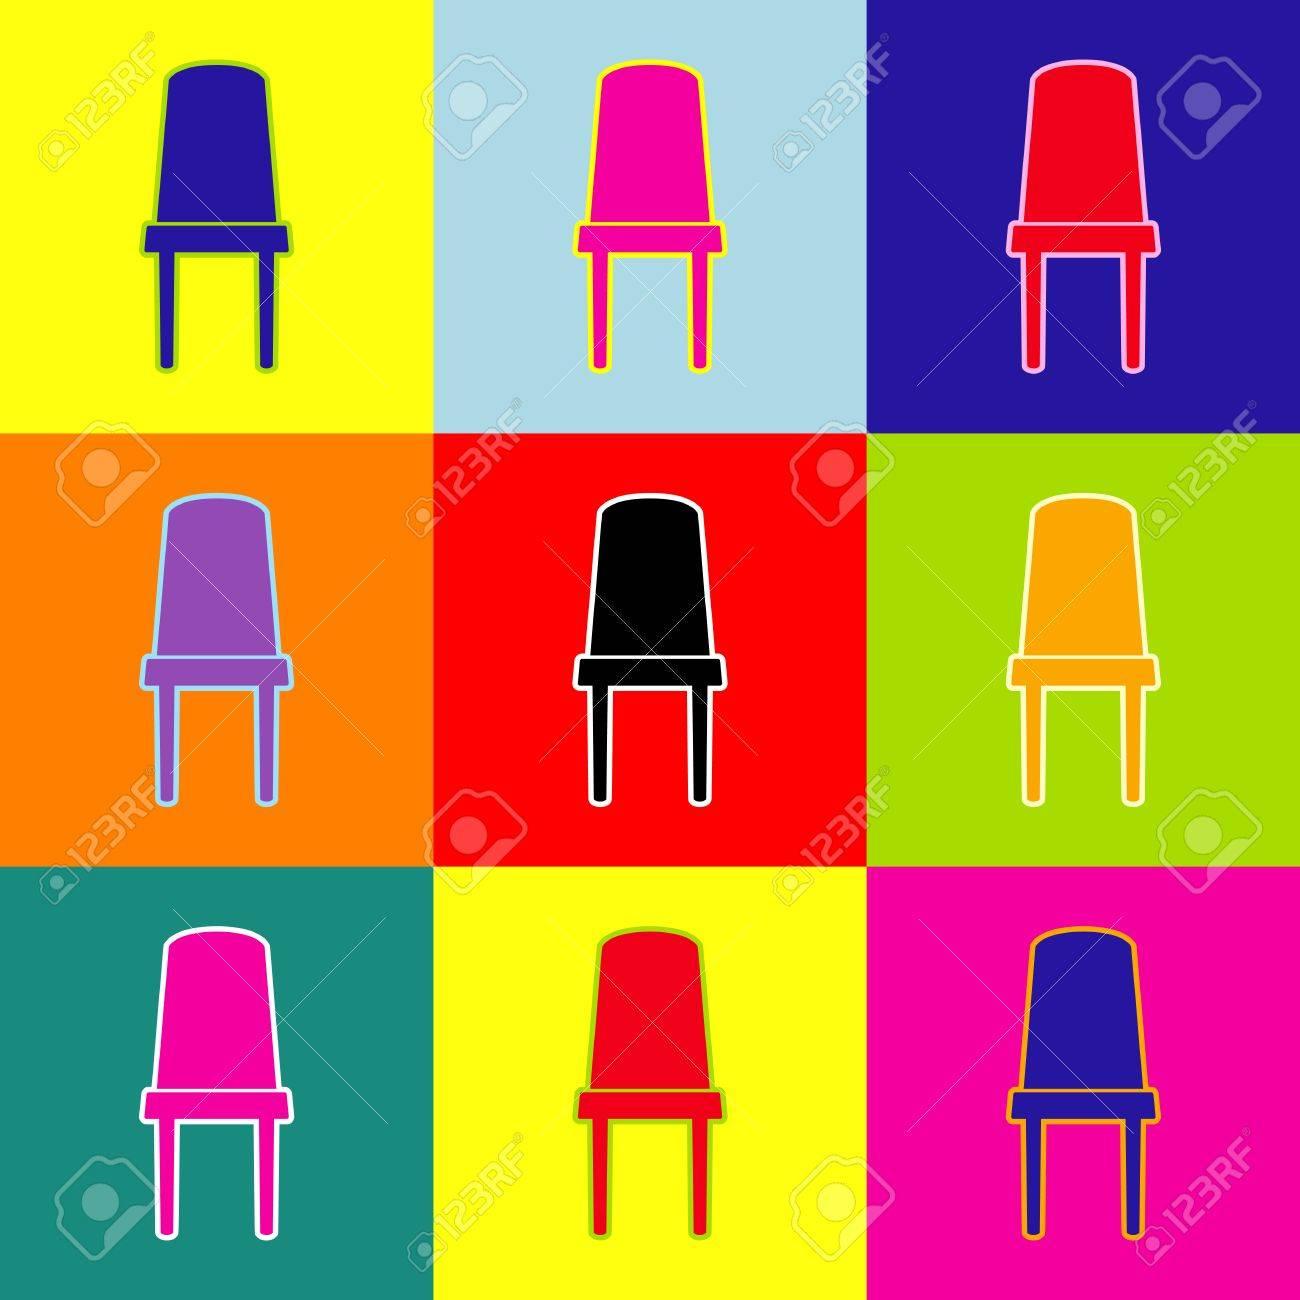 Panneau De Chaise Bureau Vecteur Pop Art Style Icnes Colores